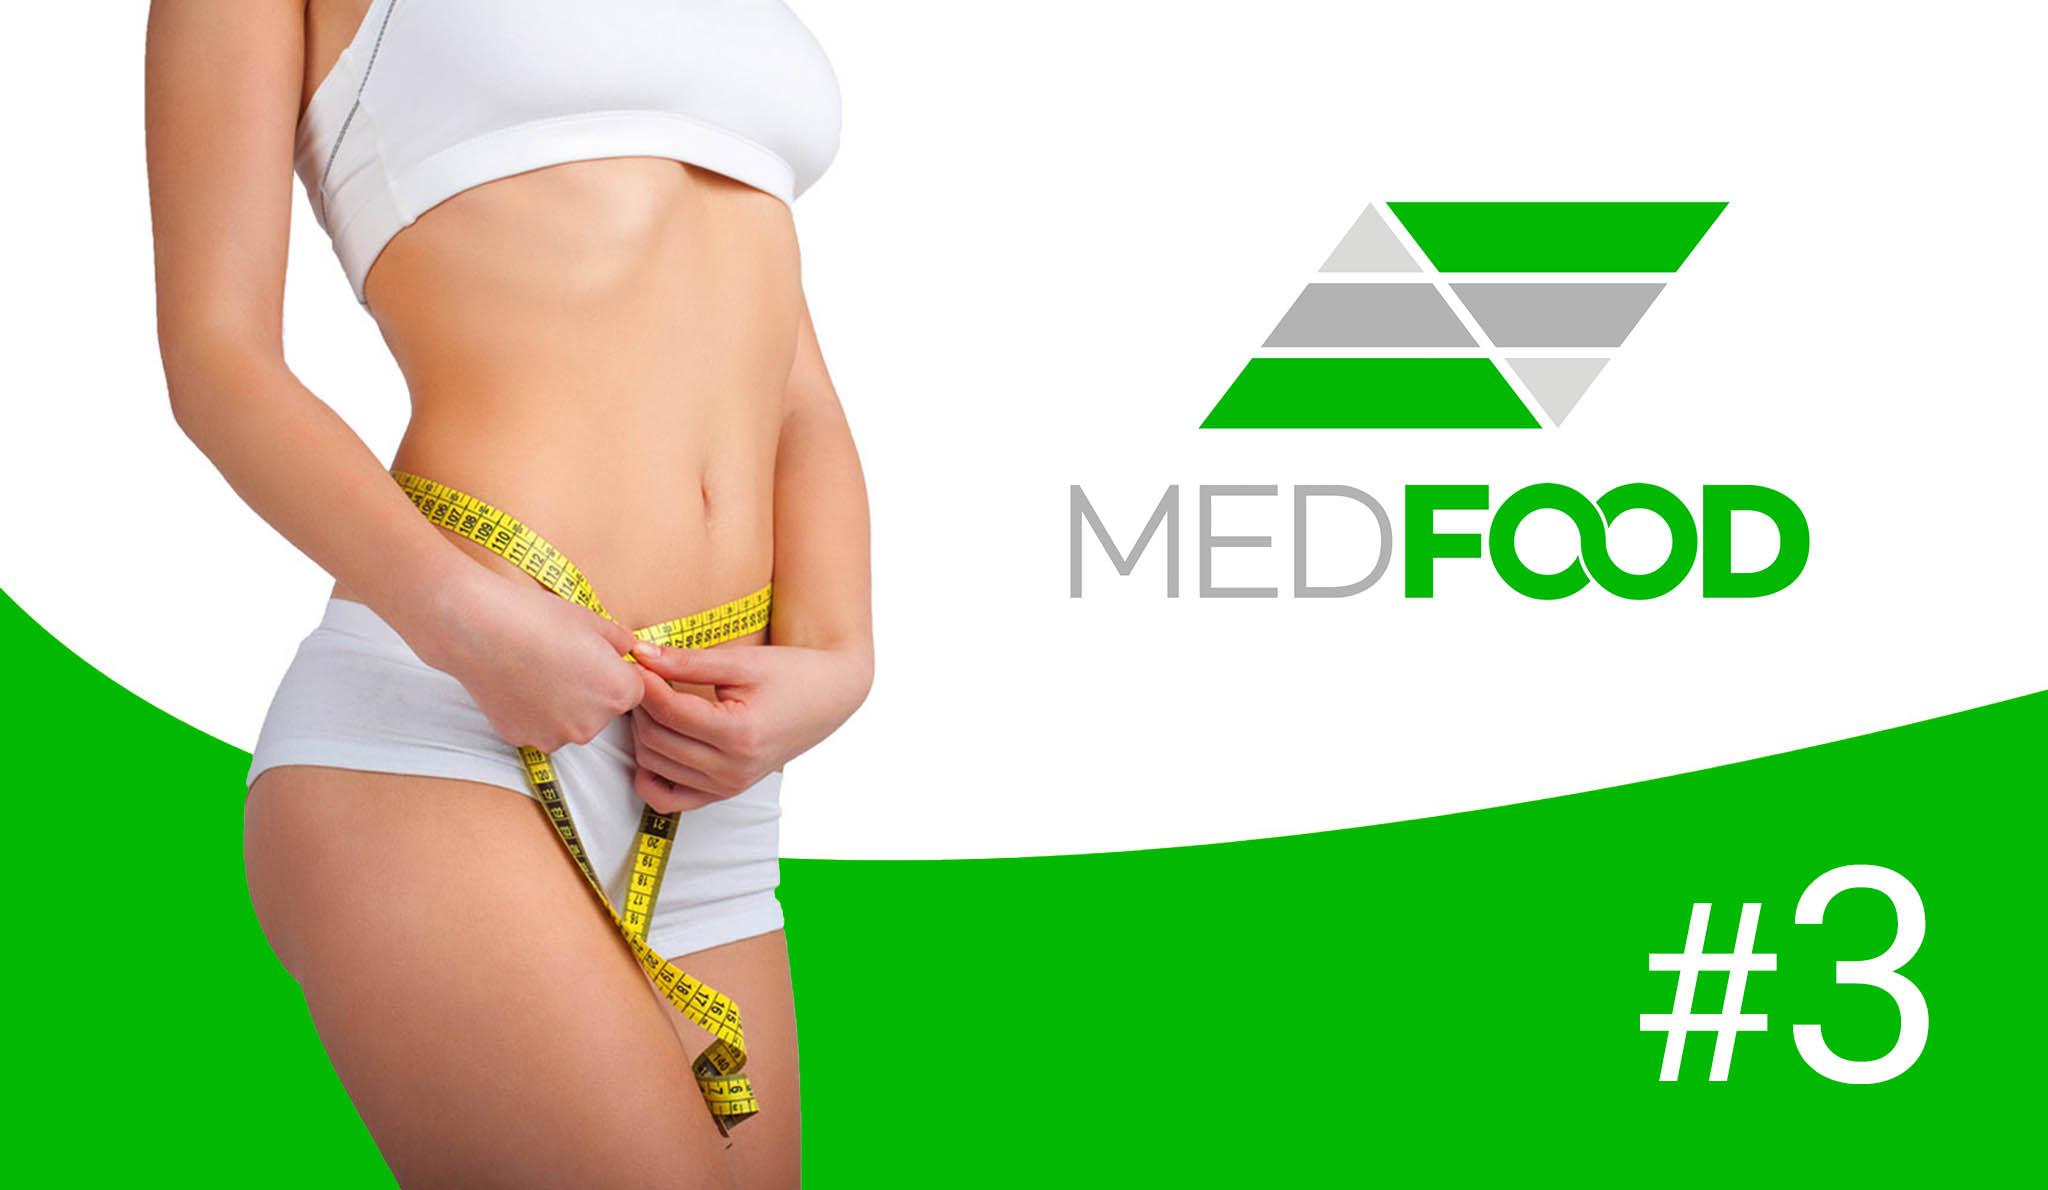 Odchudzanie z Medfood #3